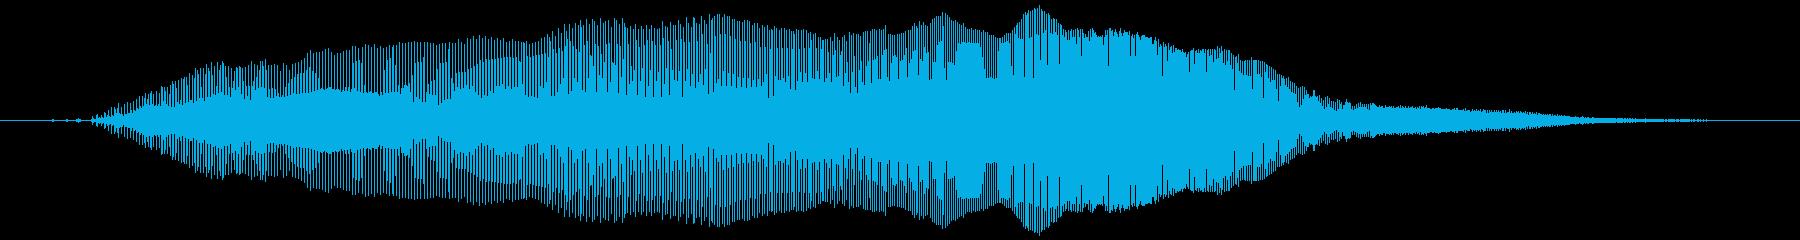 イヤーン♥(ギャルめ) エフェクトなしの再生済みの波形